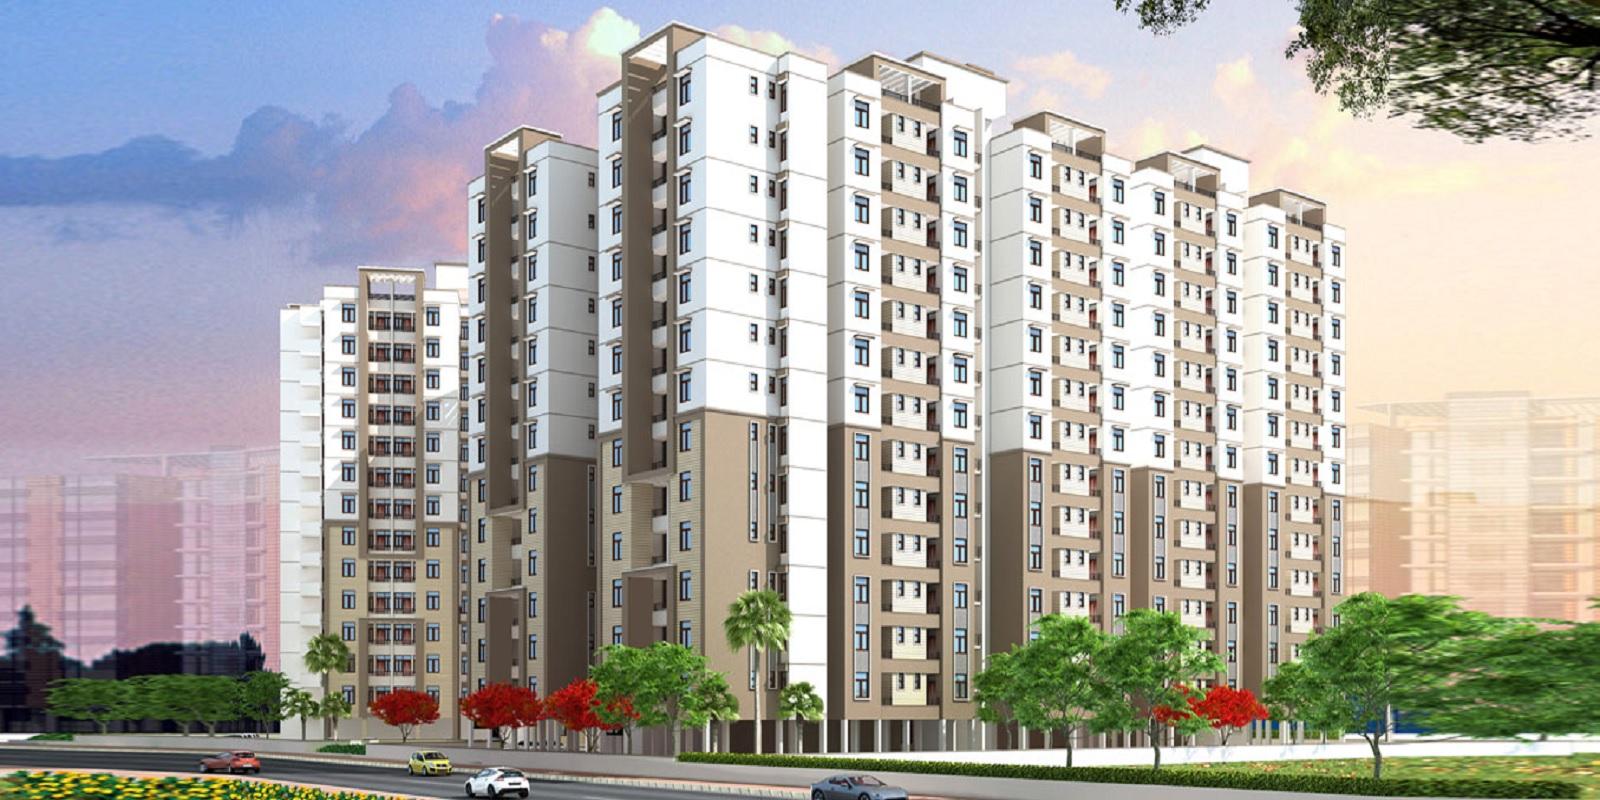 vardhman swapnlok project project large image1